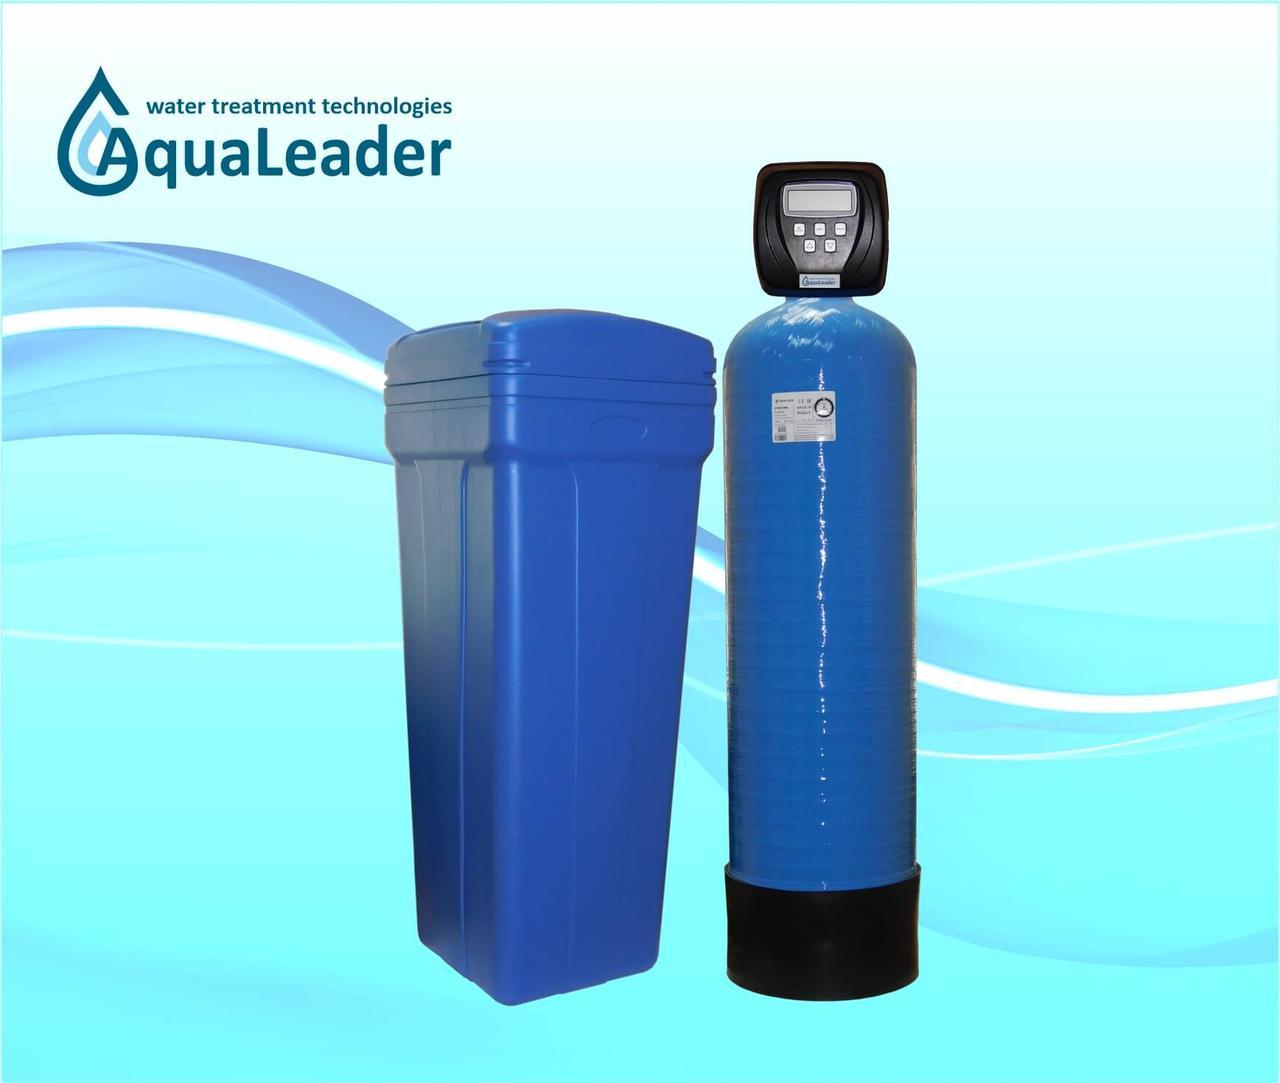 Фильтр умягчитель воды FS25, Clack Corporation, USA